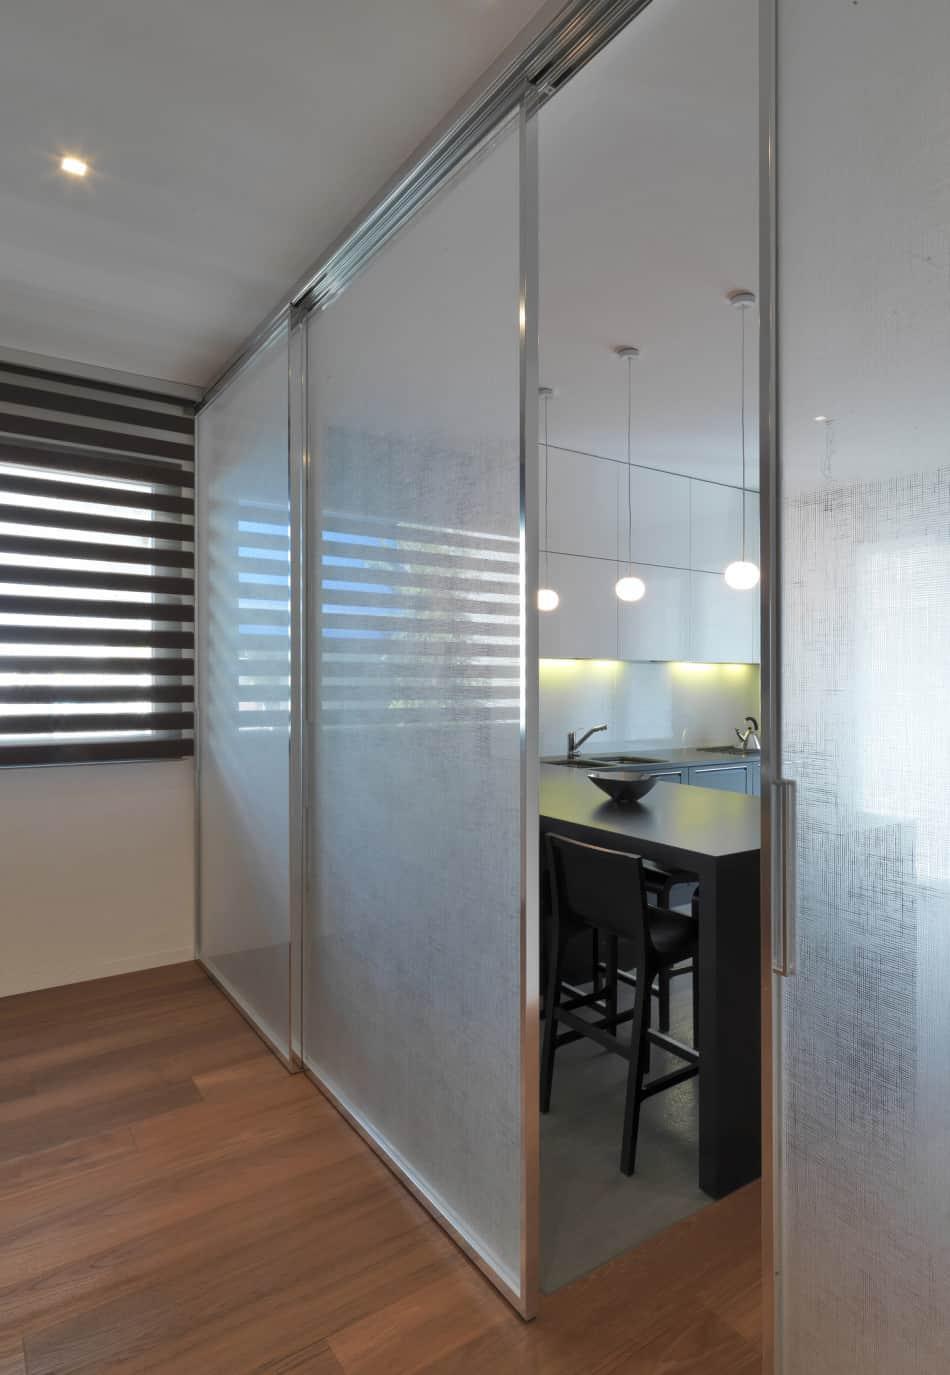 how to design a kitchen layout kohler farmhouse sink italian maze house with geometric exterior, sliding ...